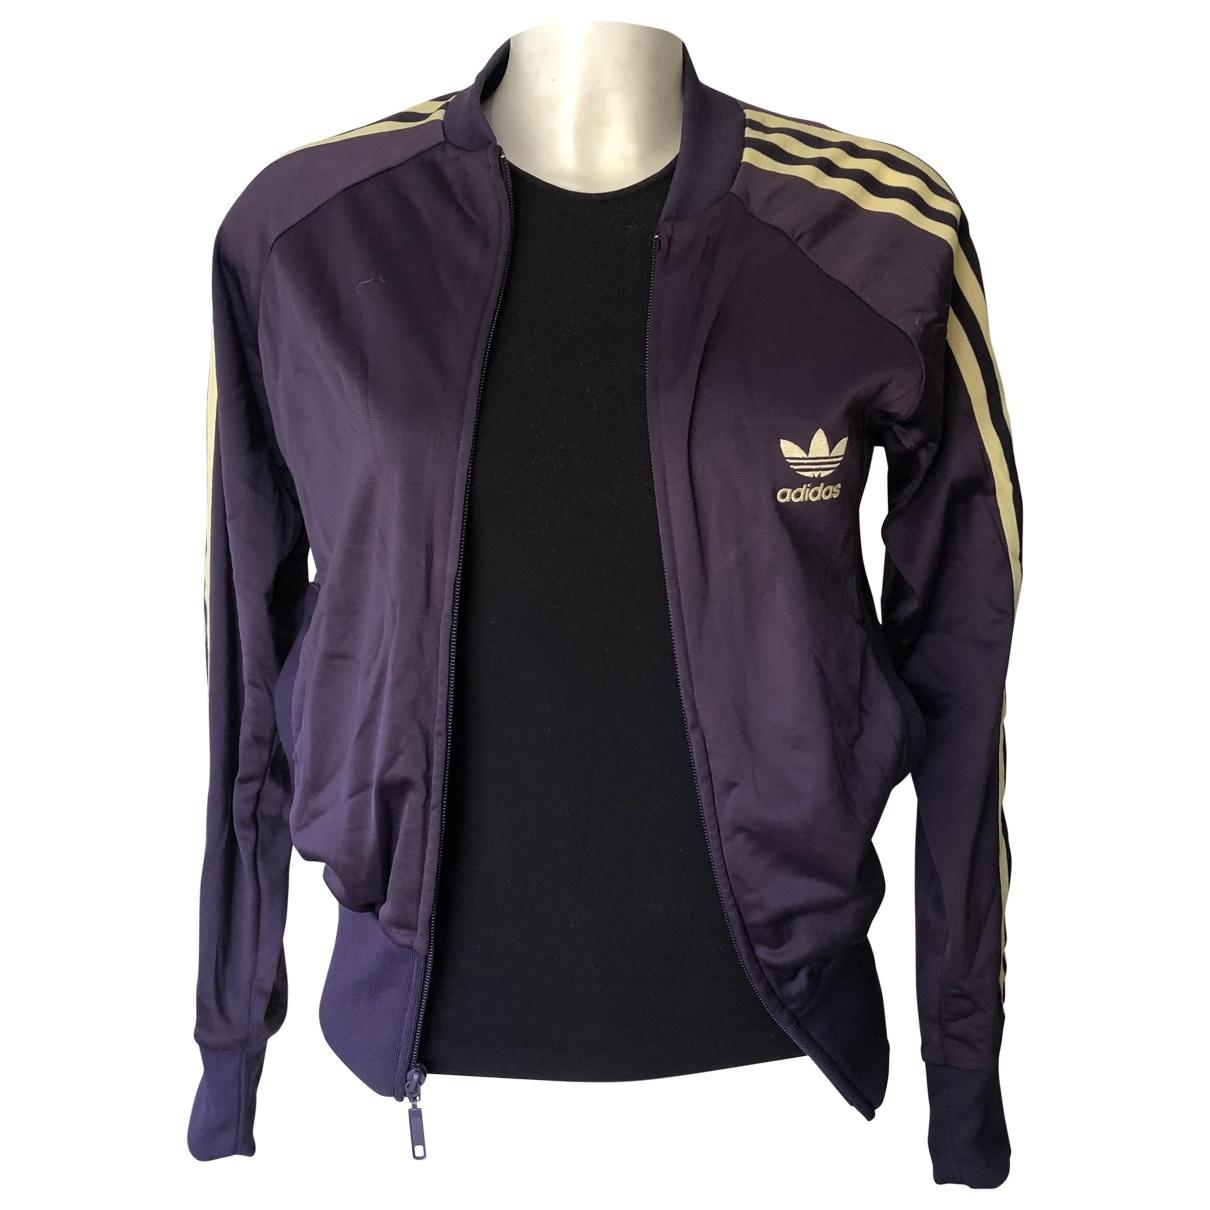 Adidas \N Jacke in  Lila Polyester